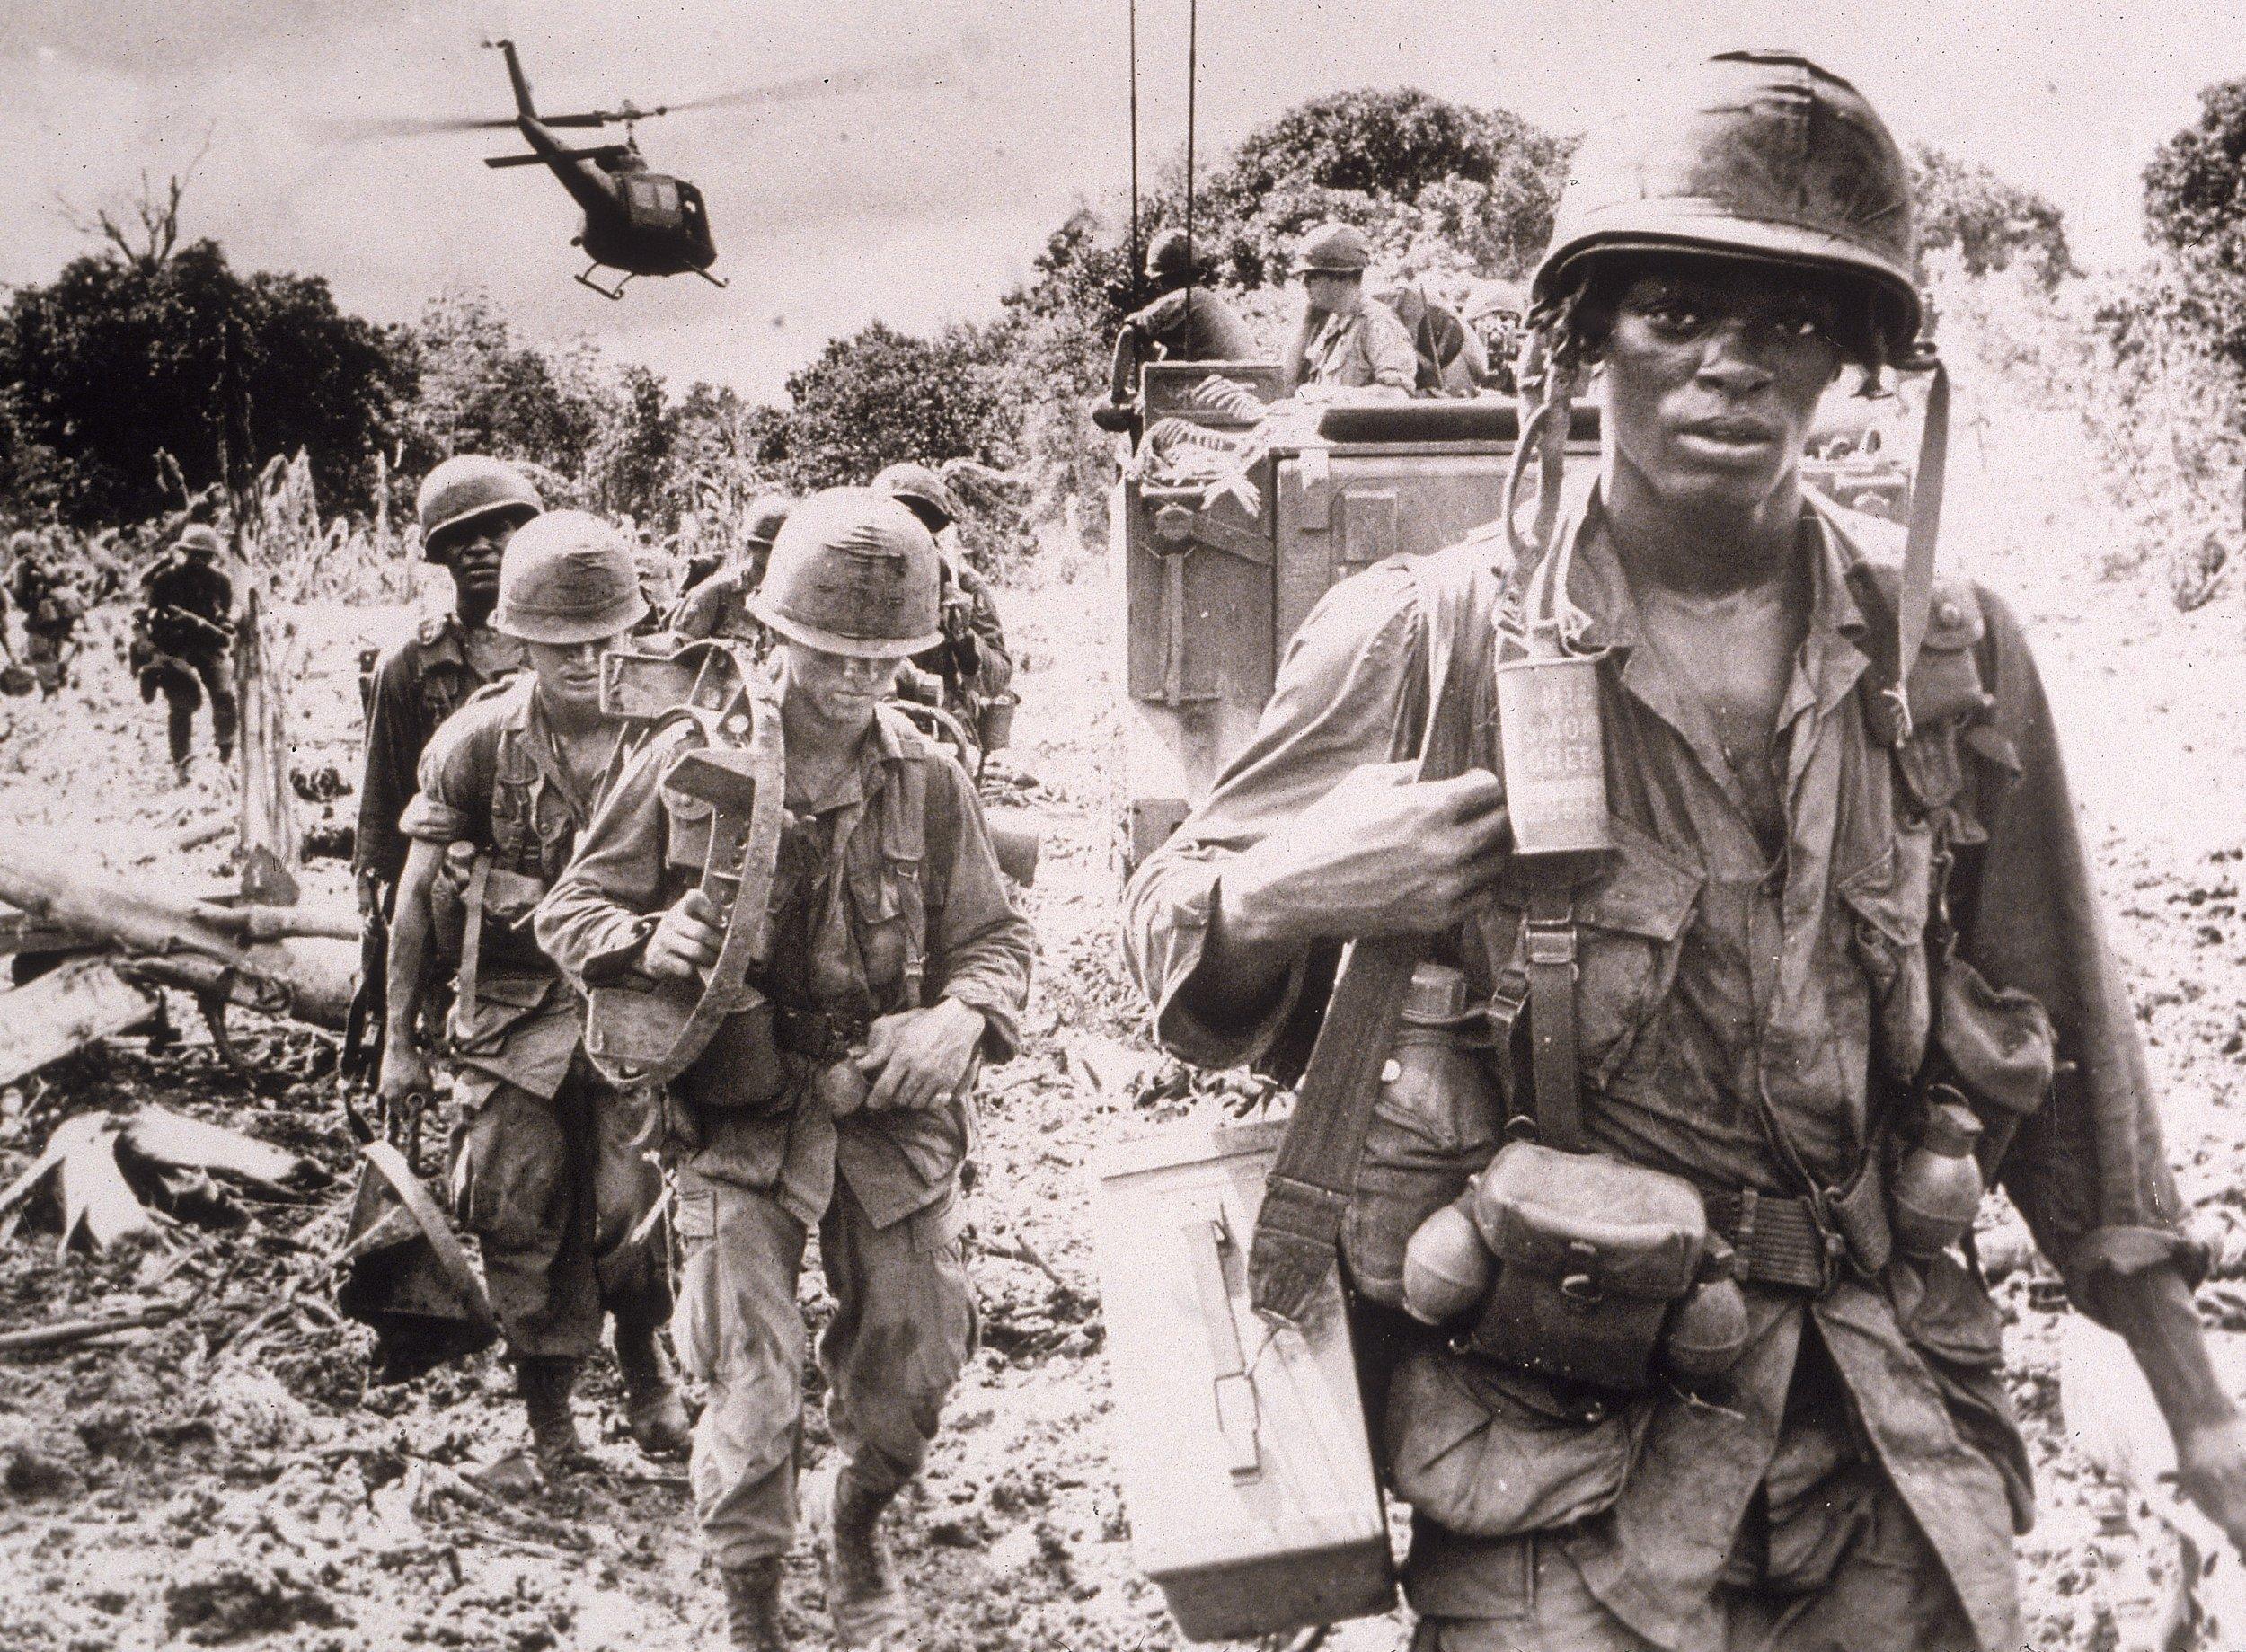 20_09_Vietnam_veterans_documentary_PTSD